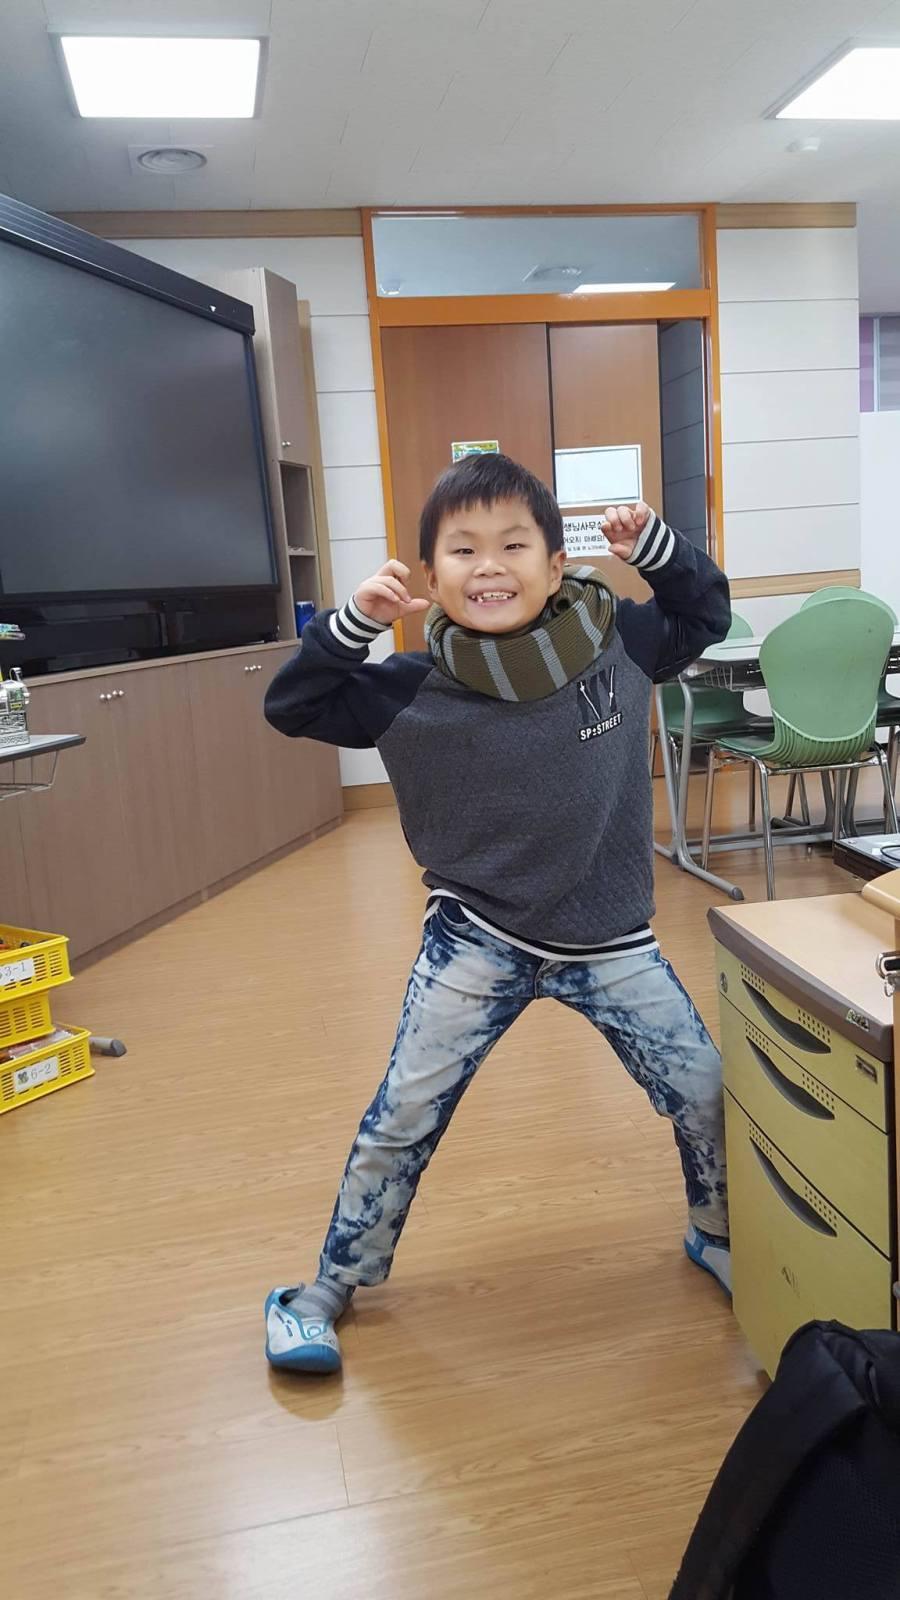 3rd grade student Hyeong Jin